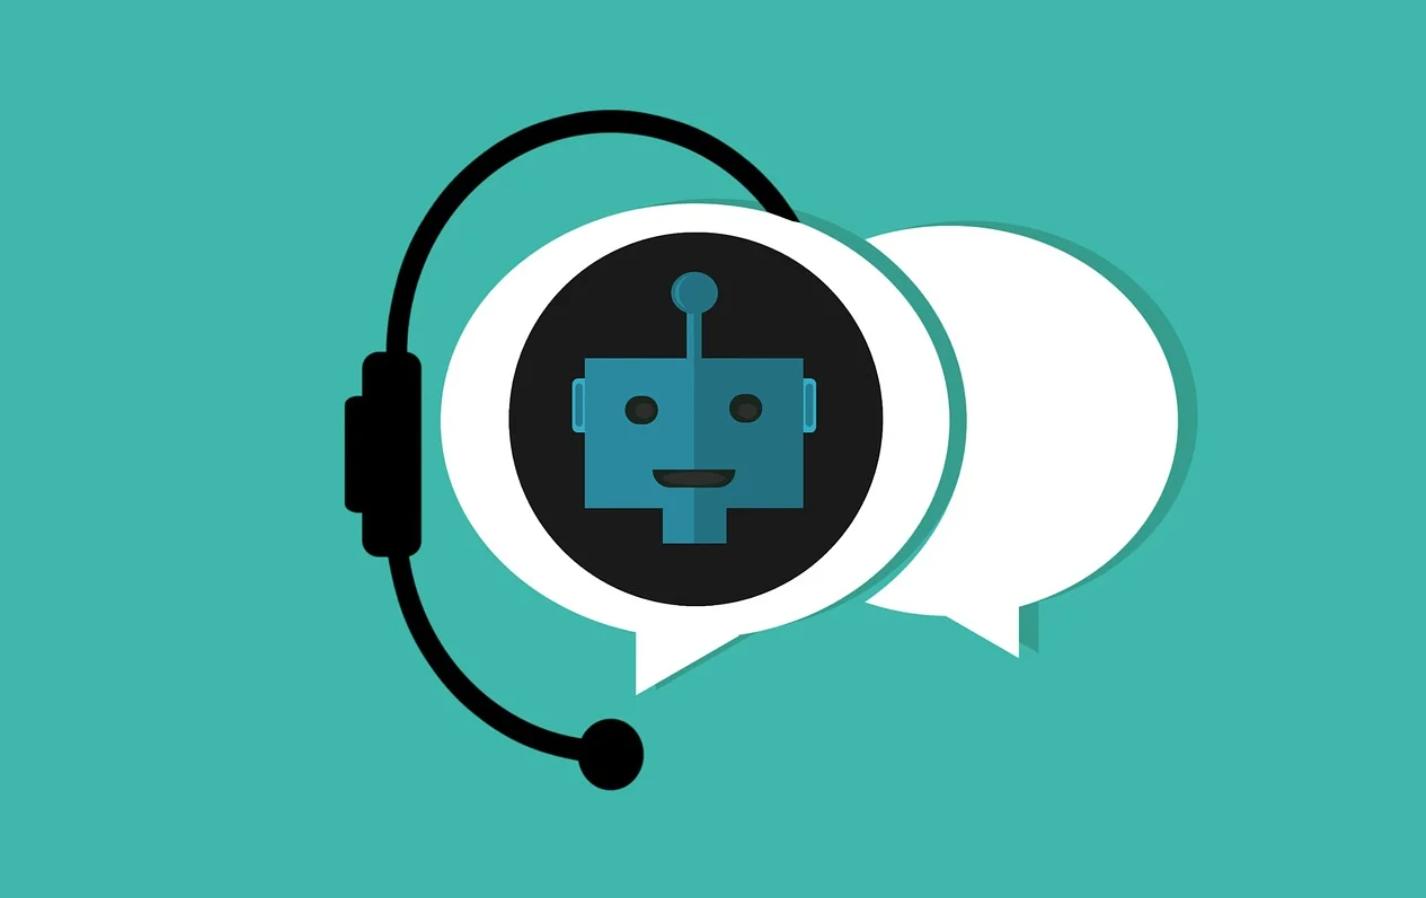 robot in a speech bubble wearing a wireless headset